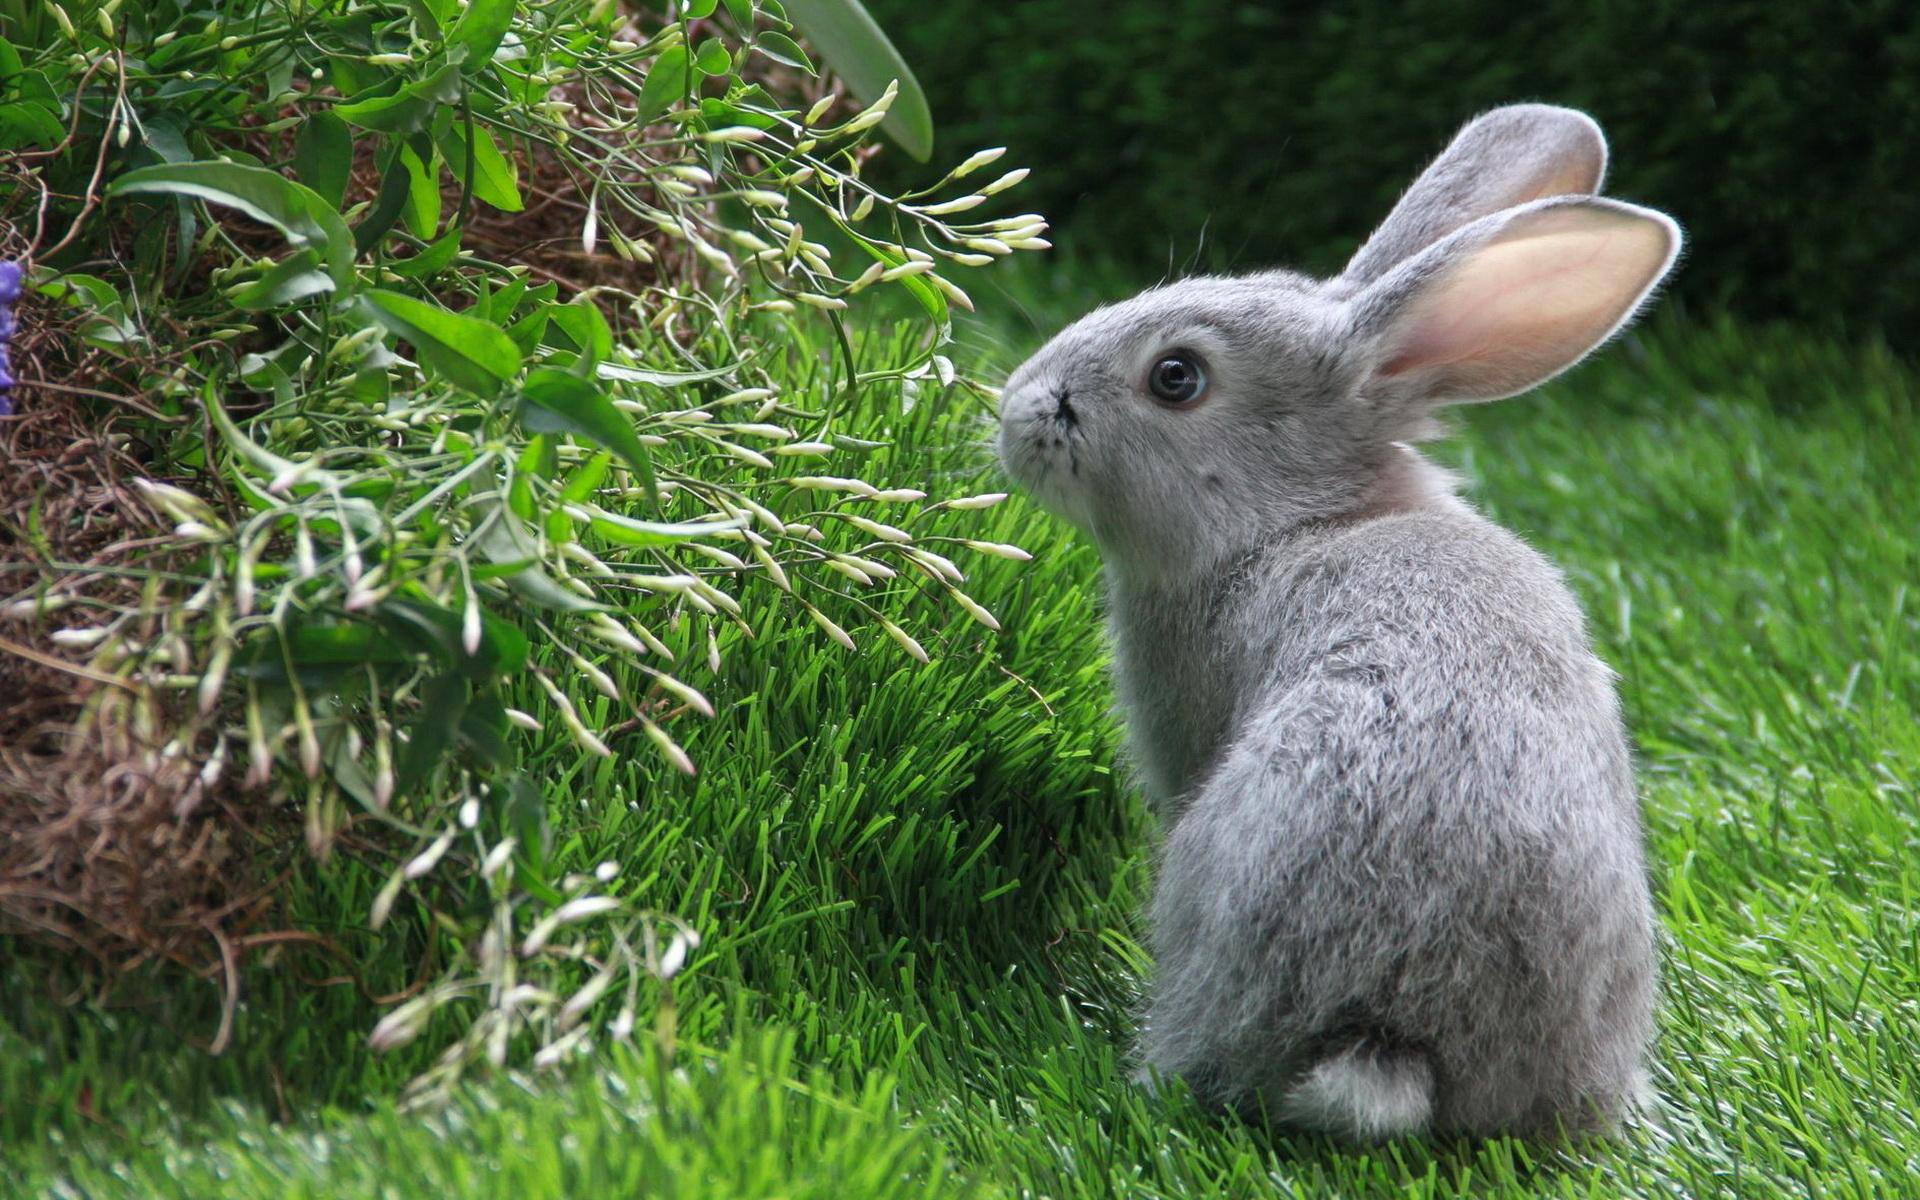 кролик трава  № 1963985 бесплатно